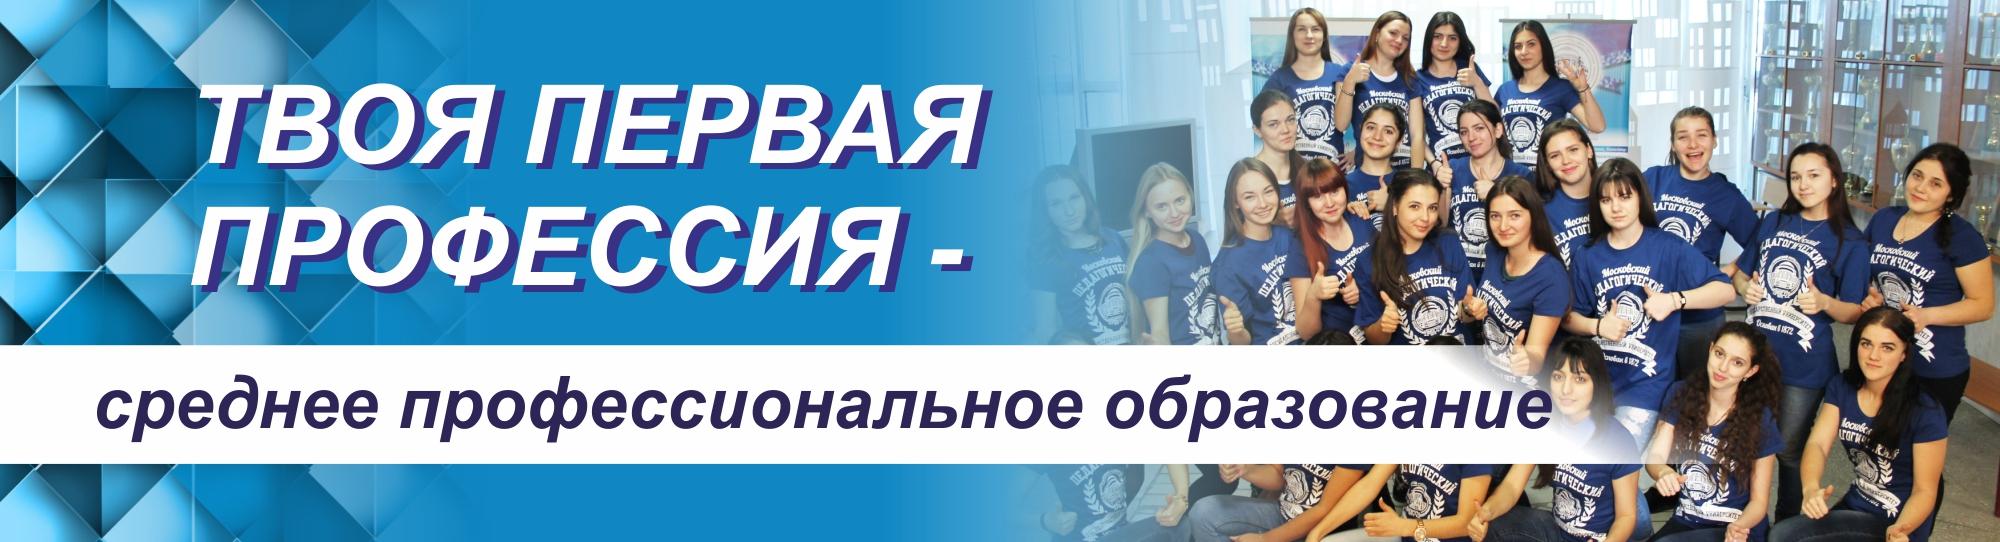 banner-anapa-8